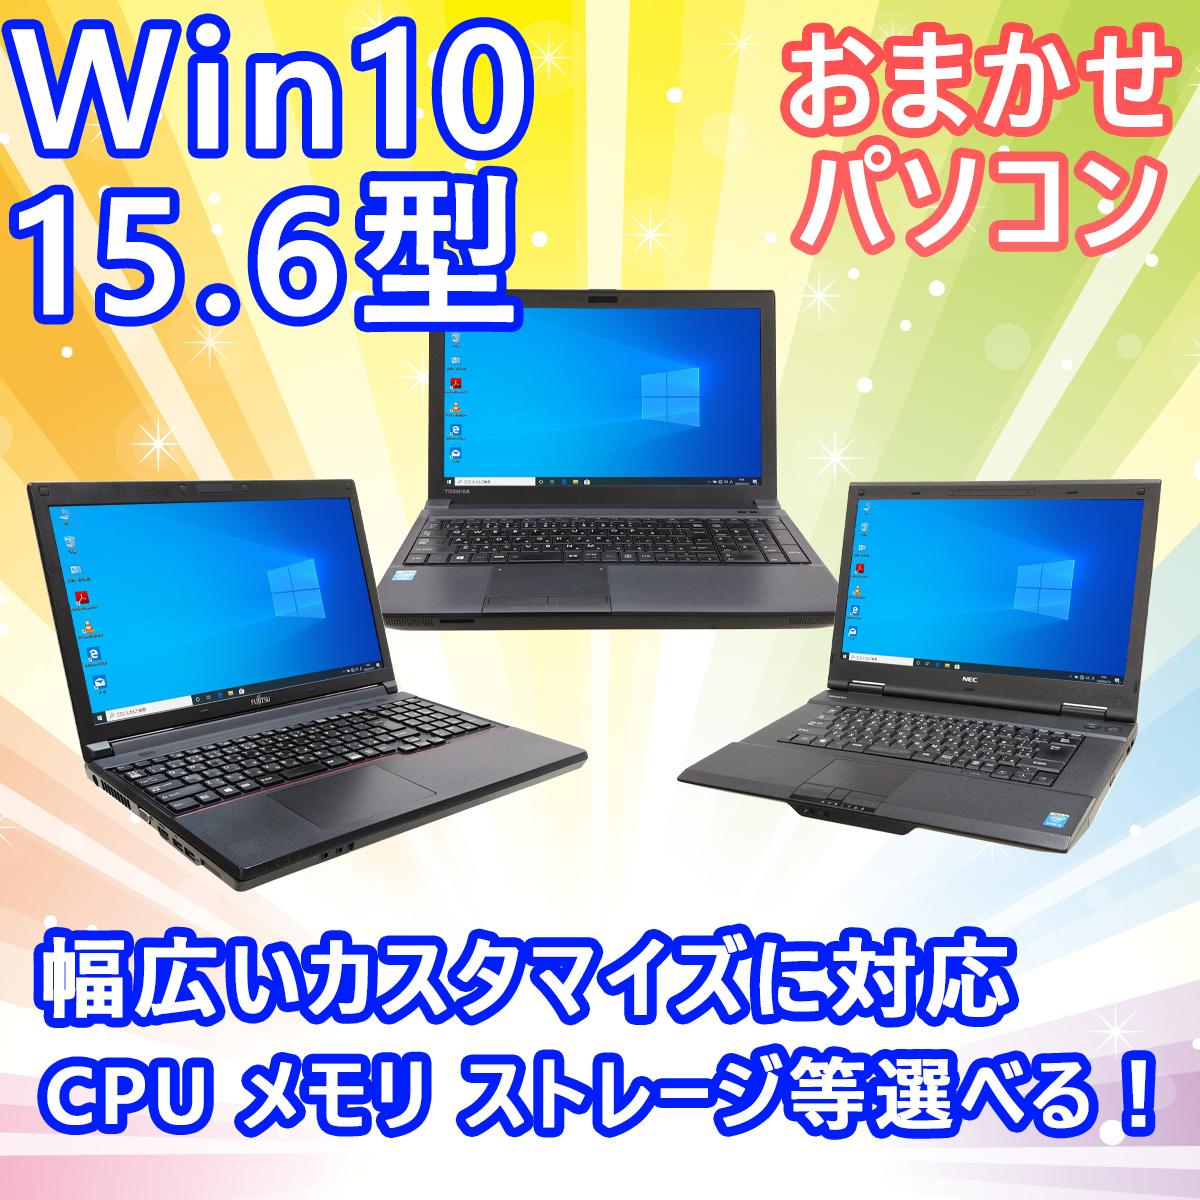 機種おまかせカスタムノートパソコン 15.6型 Win10 [東芝・富士通・NEC 国内メーカーPCを出荷] /3ヶ月保証 中古ノートパソコン 中古PC